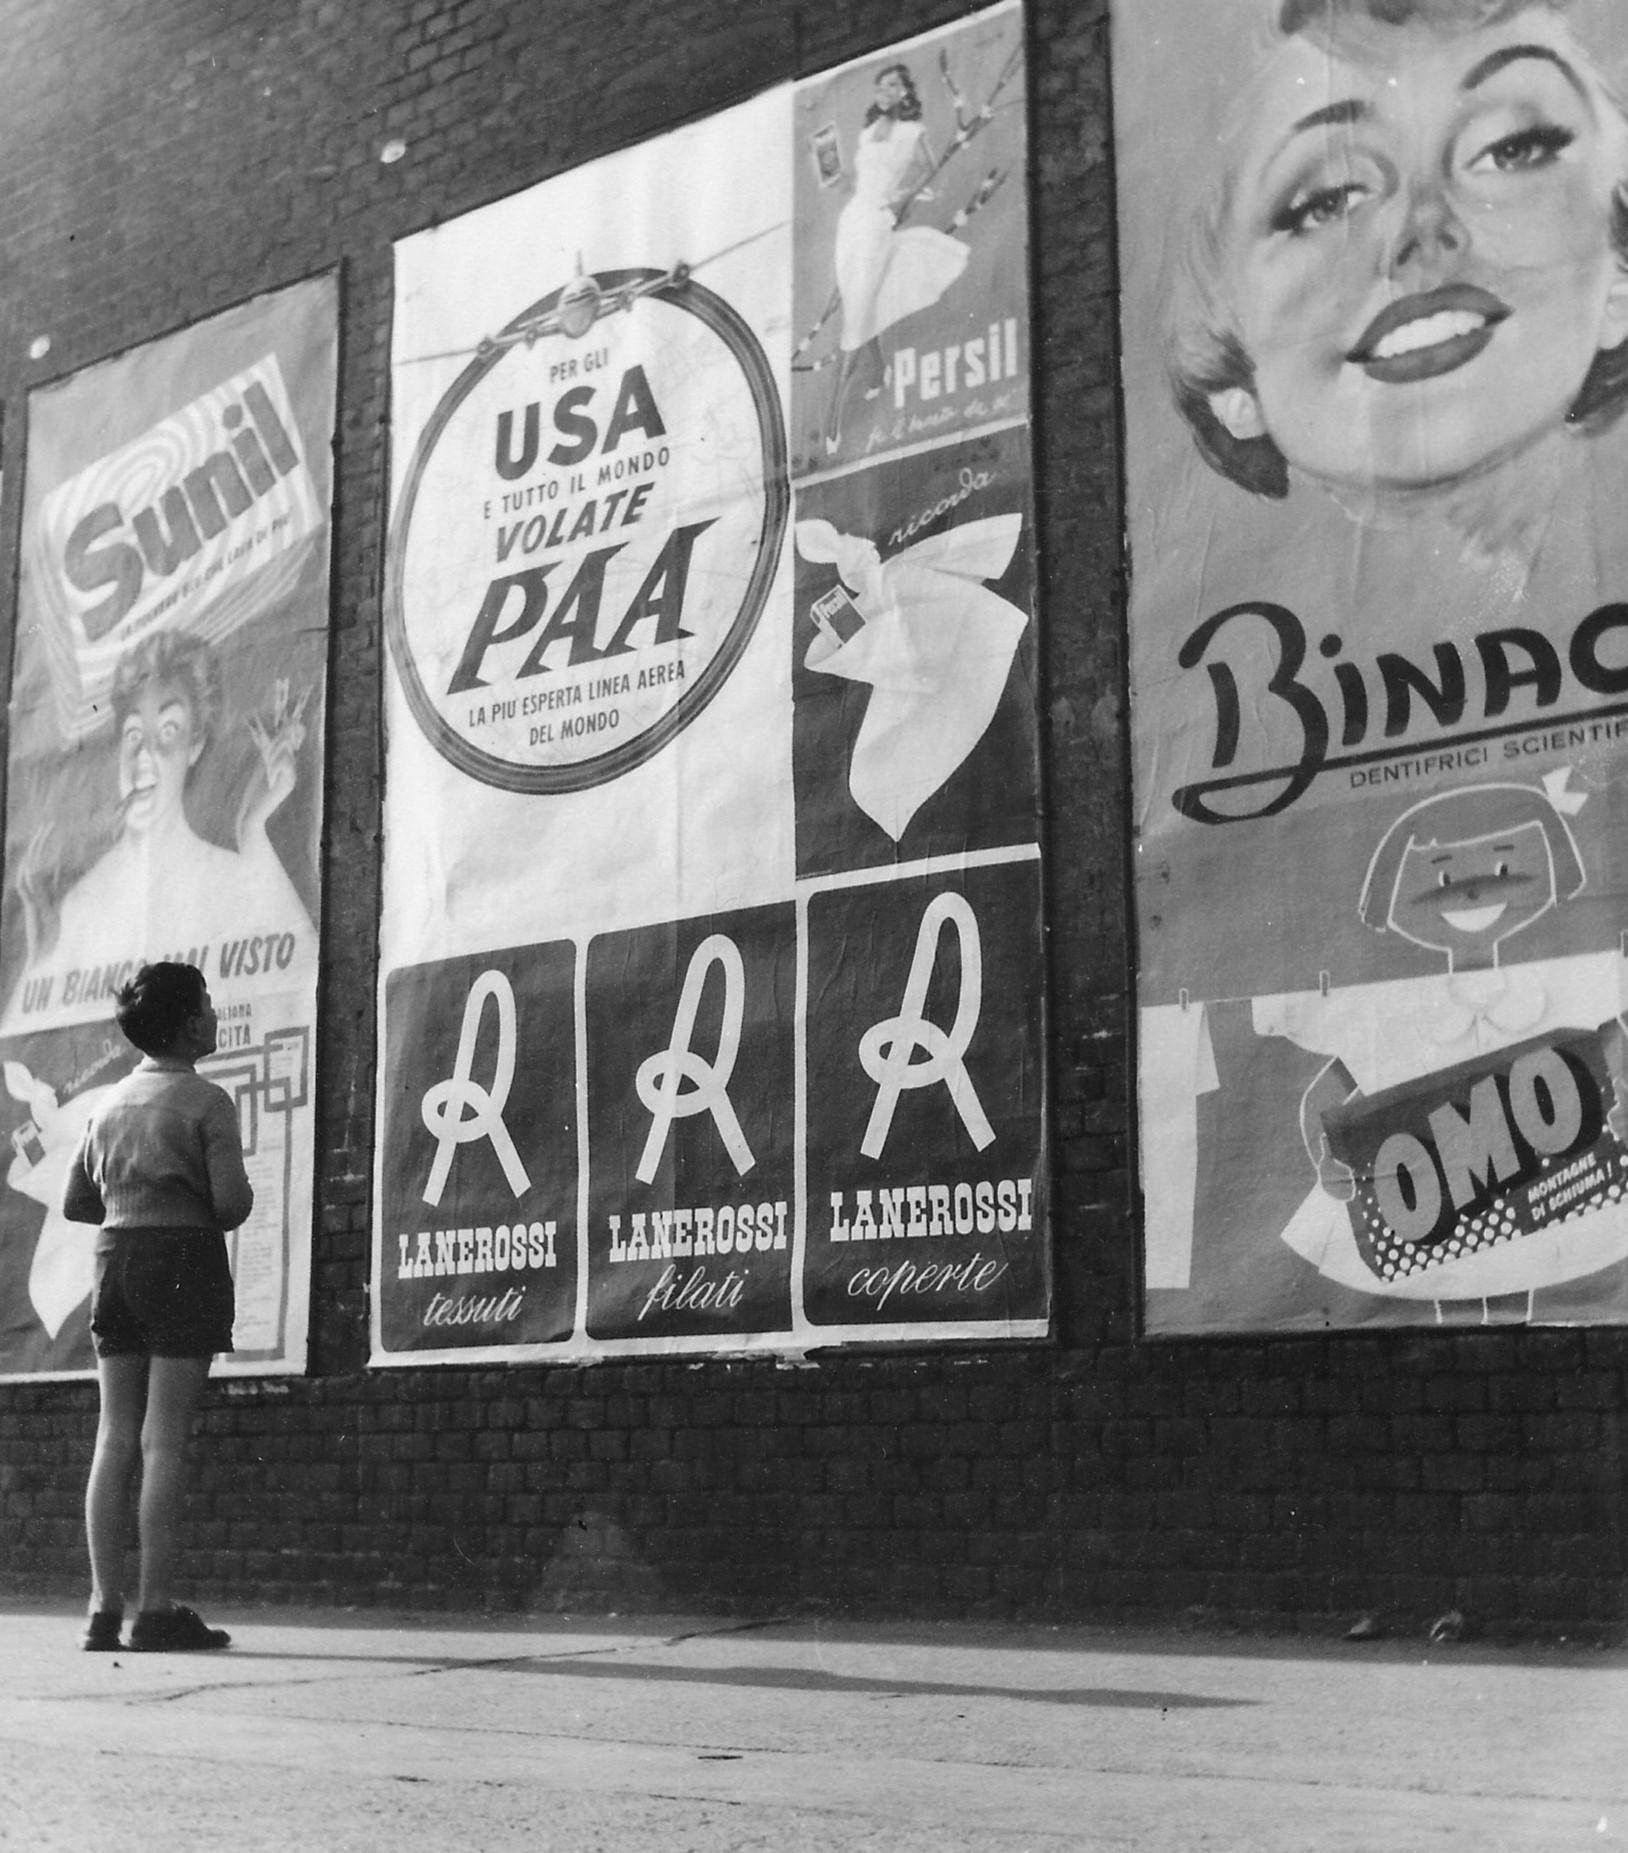 Riccardo Gilardi,  Sogno americano , 1955 circa, stampa alla gelatina bromuro d'argento, 16 x 14 cm, courtesy Collezione Danna-Leonardo, Associazione per la Fotografia Storica, Torino